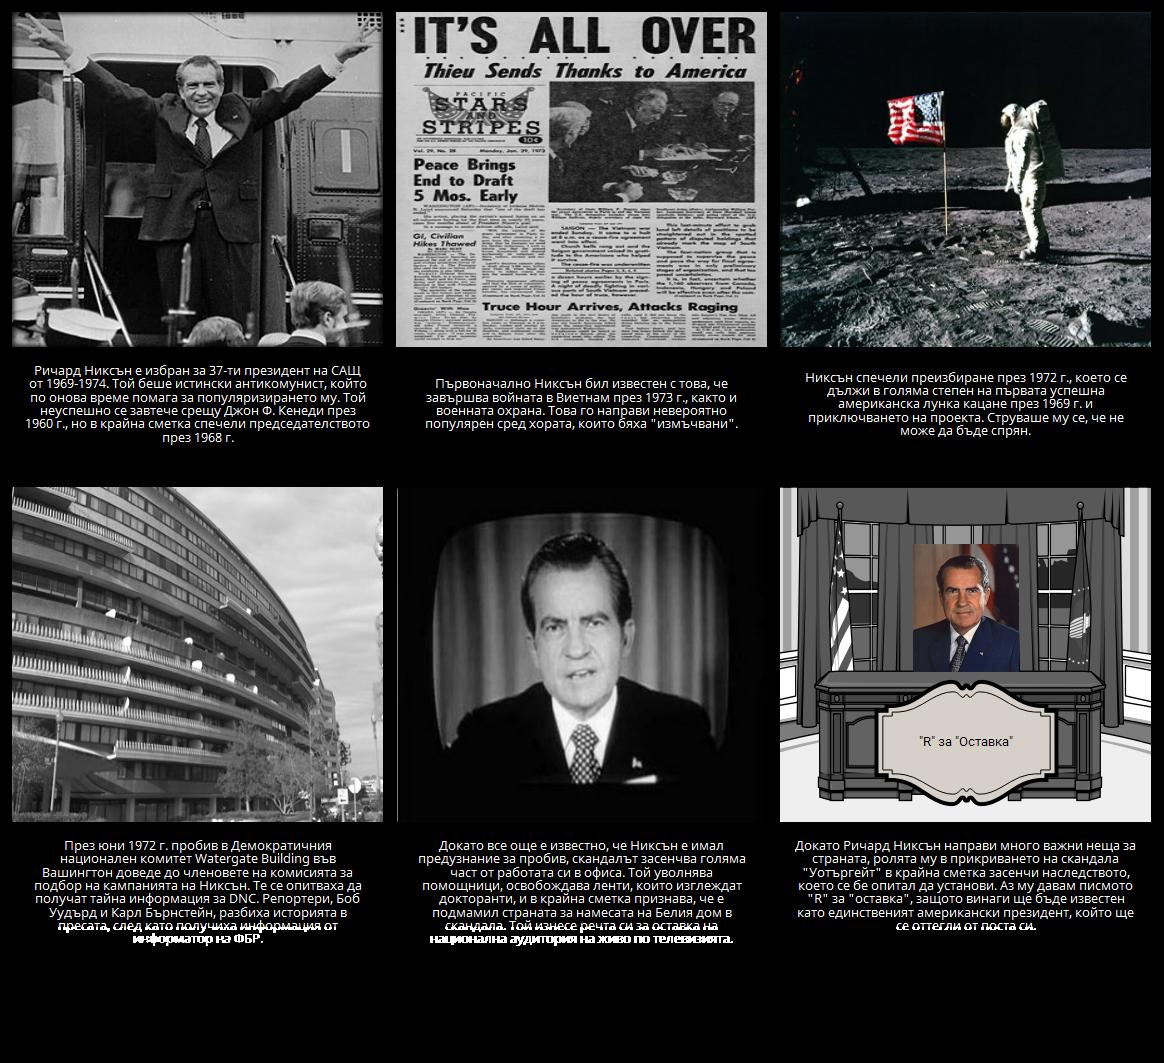 Скандал в Червеното Писмо - Ричард Никсън